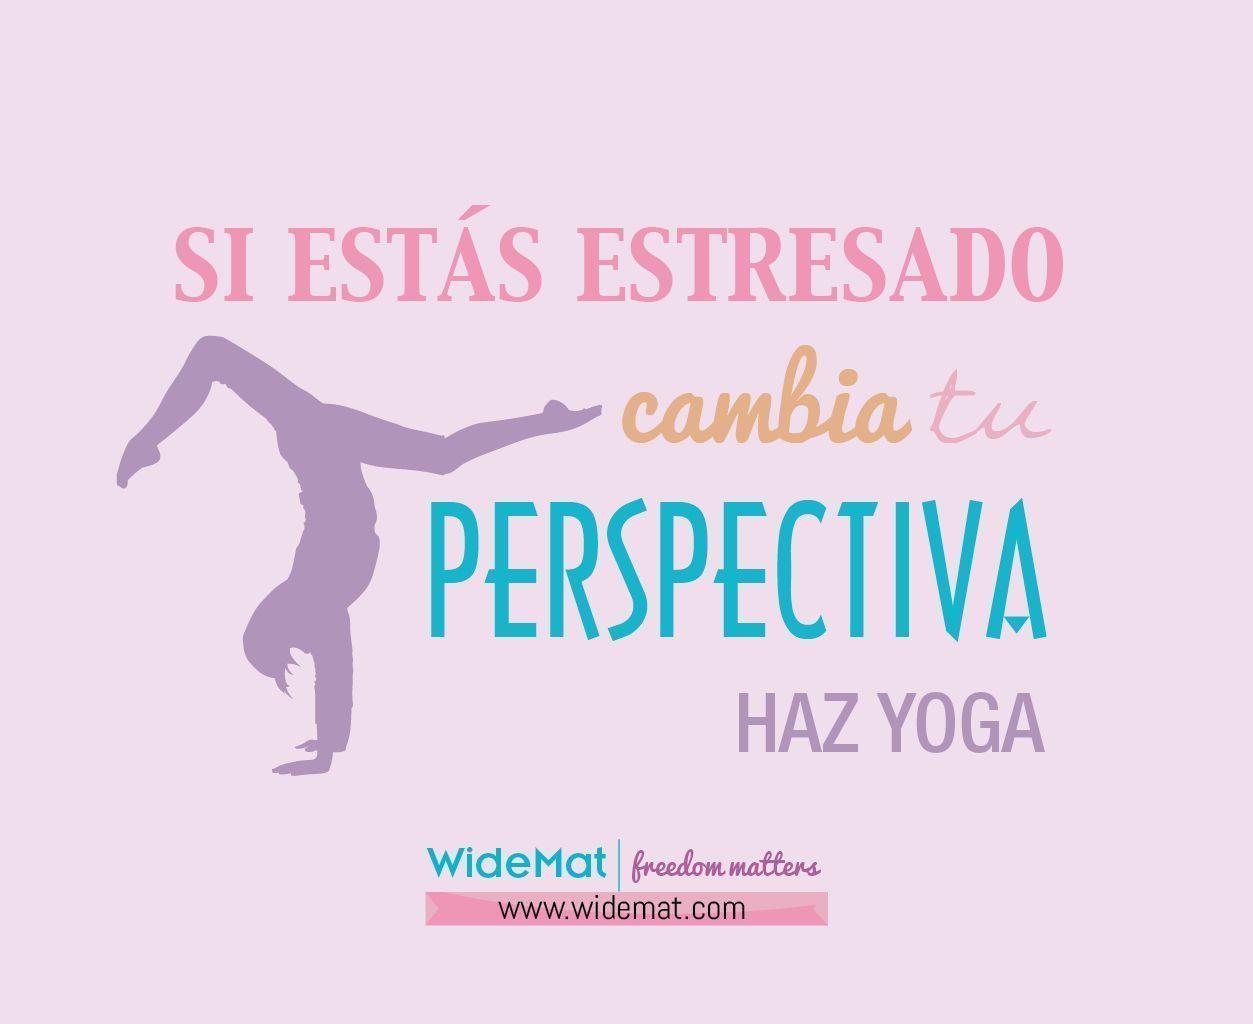 haz yoga. Si estás estresado cambia tu perspectiva. Ejercicio de relajación